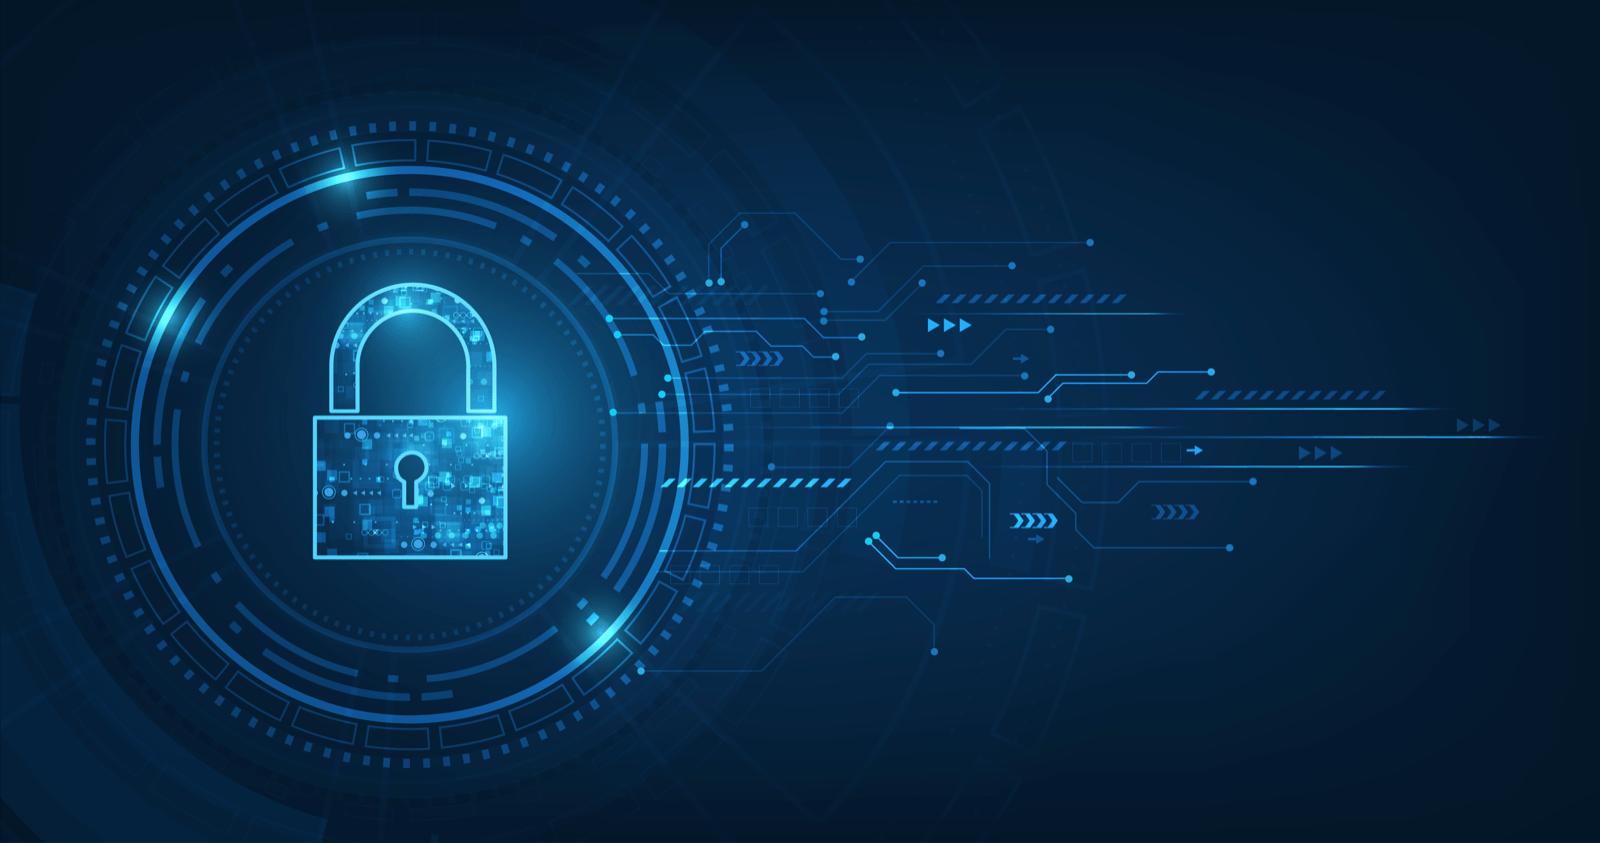 セキュリティや暗号化のイメージ